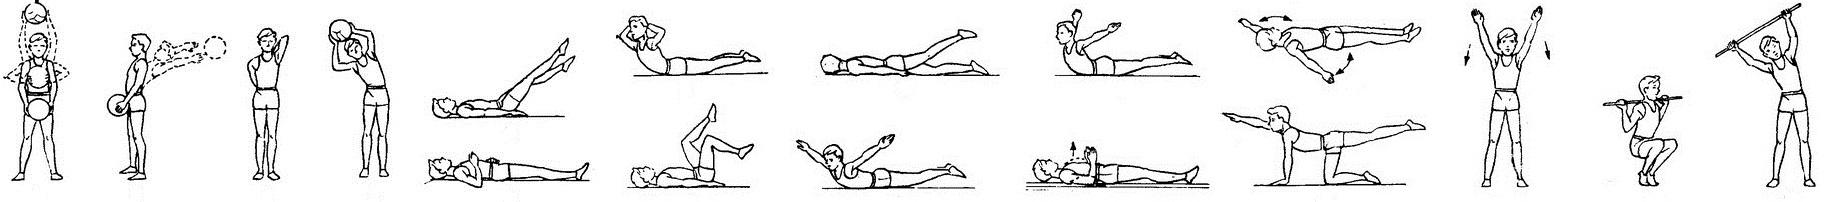 Комплекс простых упражнений для исправления осанки